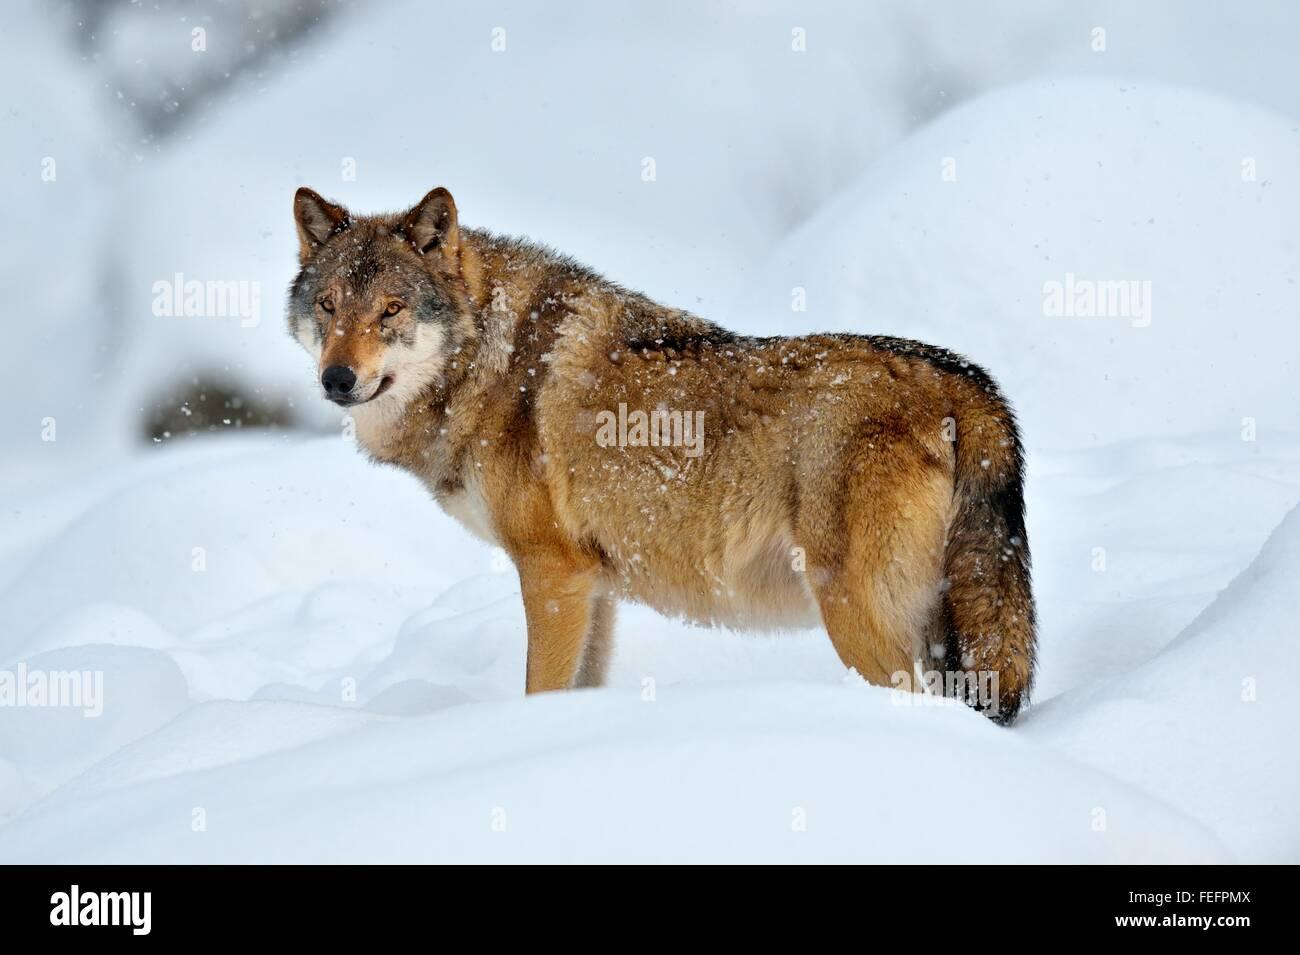 Loup eurasien, également commun loup ou milieu forêt russe wolf (Canis lupus lupus) debout dans la neige, Photo Stock